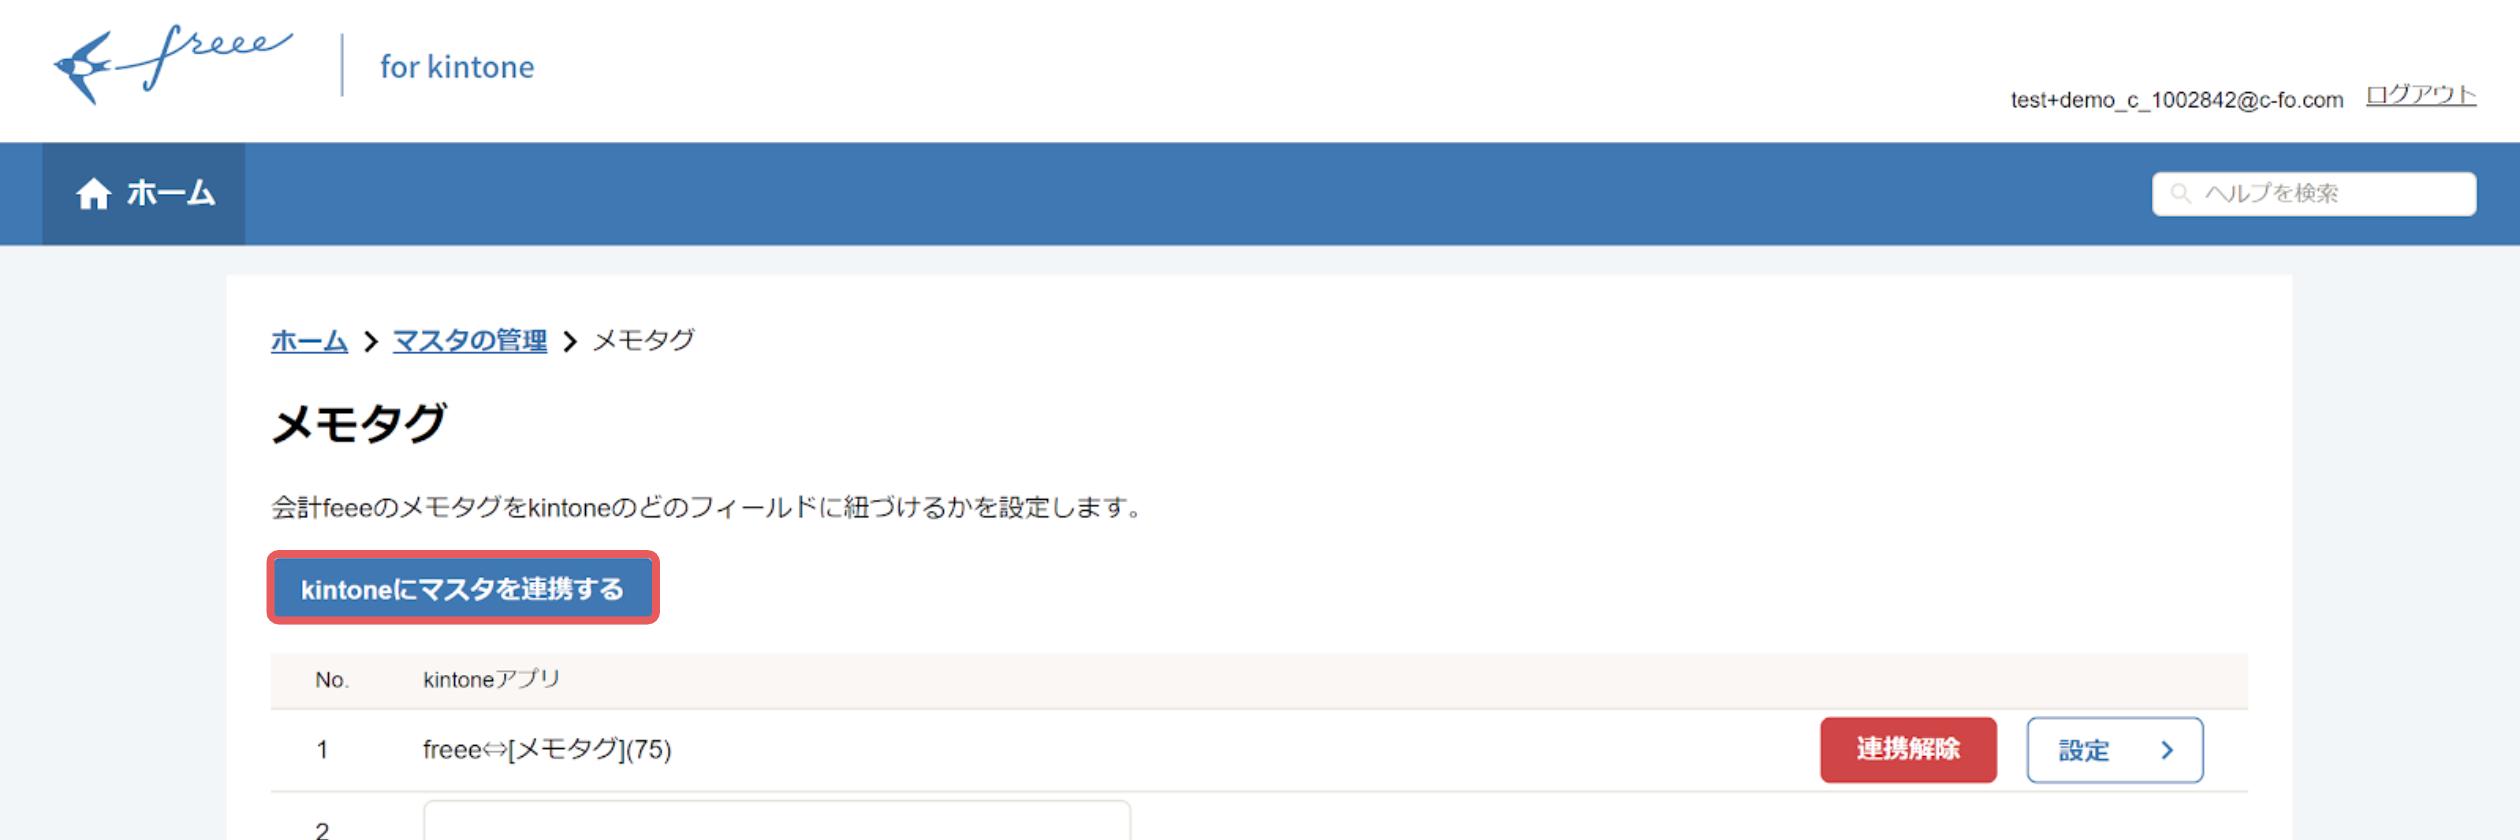 Screen_Shot_2020-07-09_at_16.39.24.png